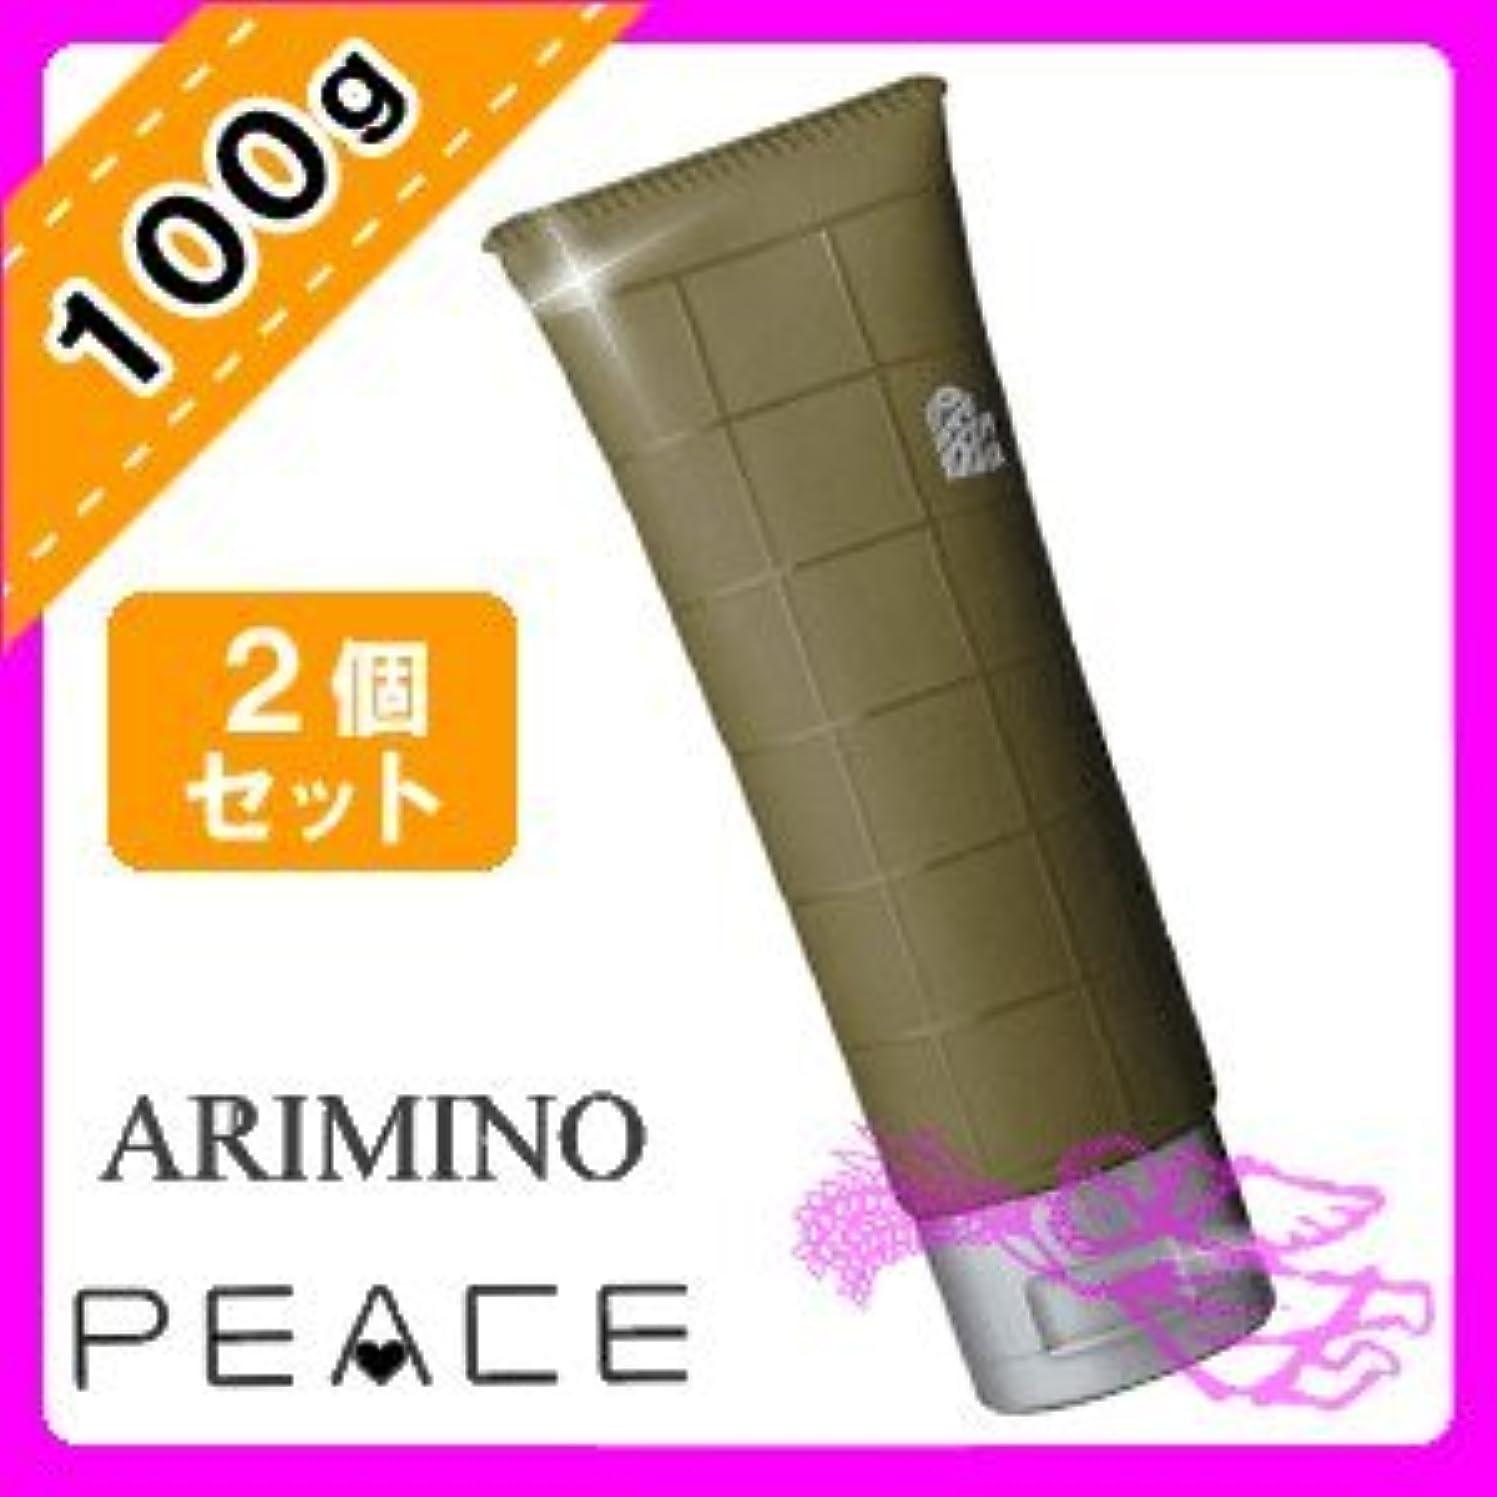 謎句読点新しさアリミノ ピース ウェットオイル ワックス 100g ×2個セット arimino PEACE